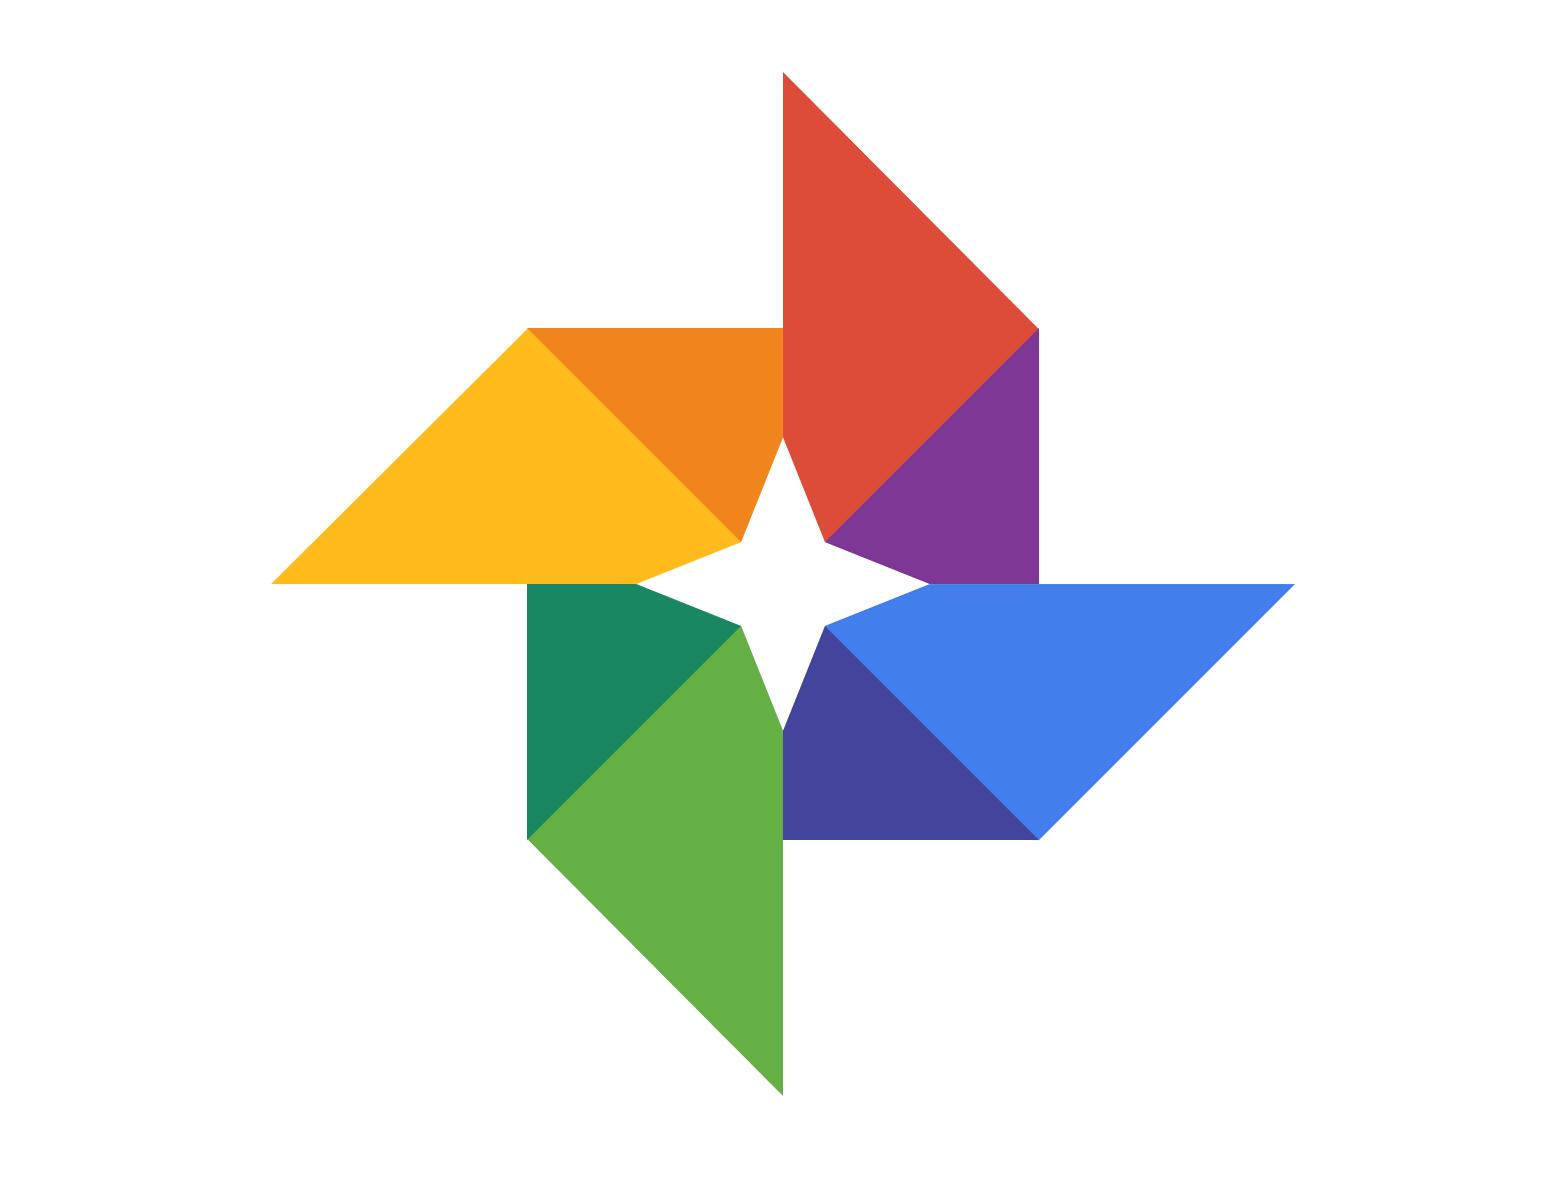 File:Google-Photos-icon-logo.png - Google Photos Logo PNG